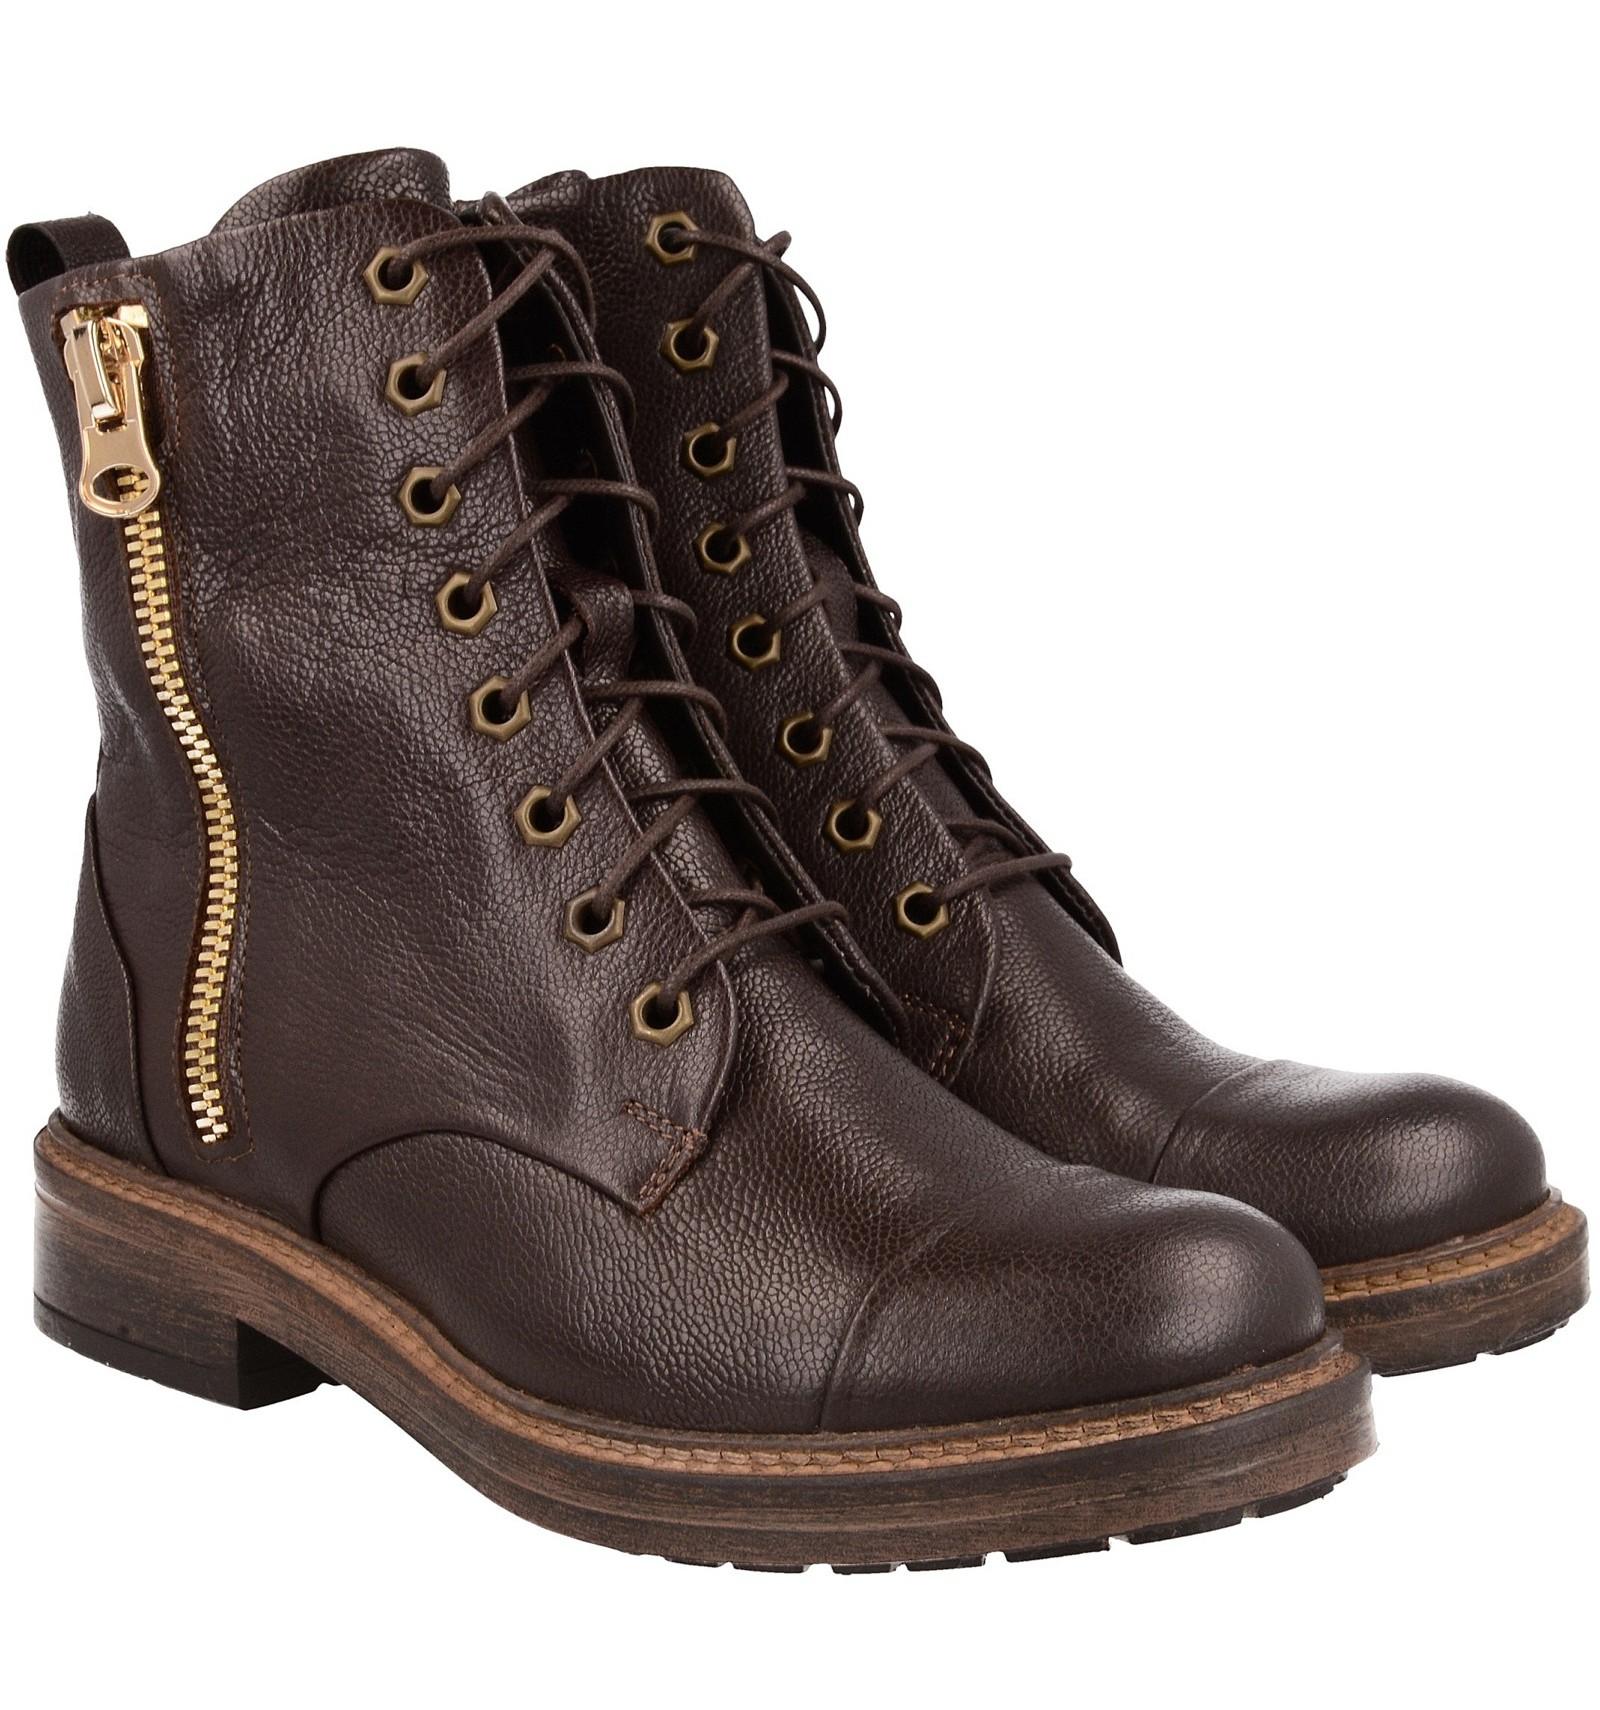 Buty zimowe damskie, BRĄZOWE, naturalna skóra licowa